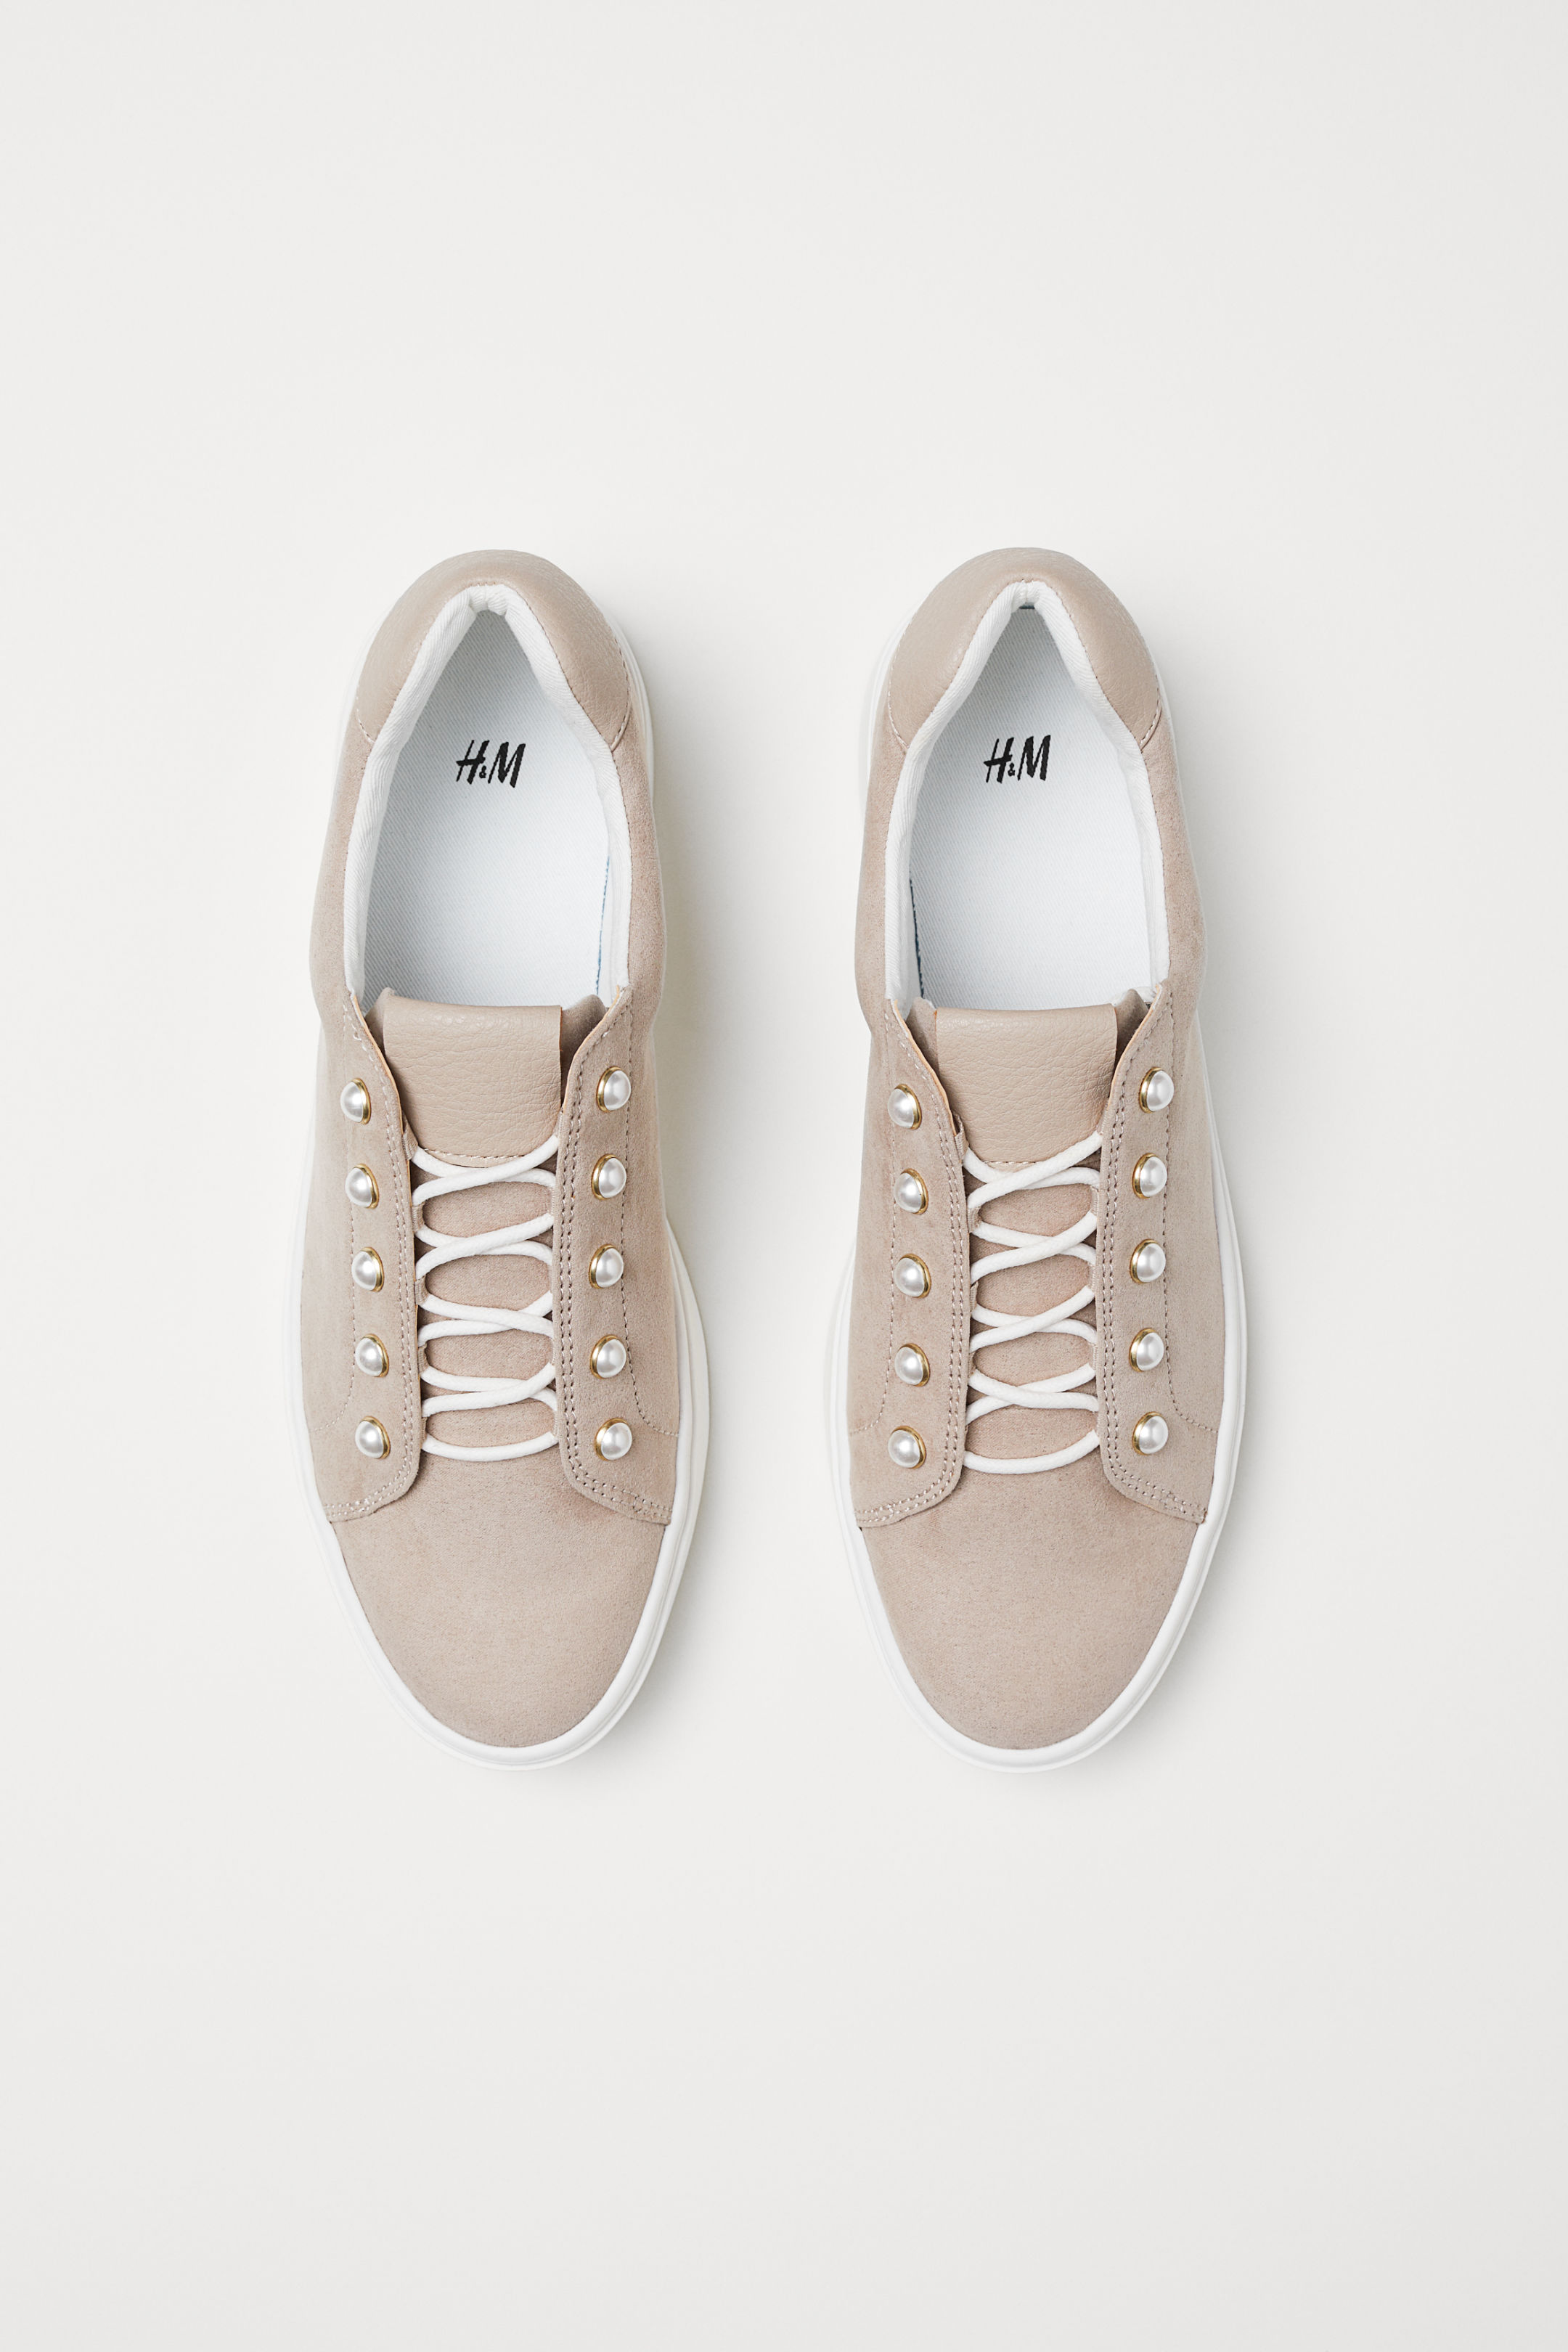 Scarpe da ginnastica H&M rosa con perle a 29,99 euro autunno inverno 2018 2019